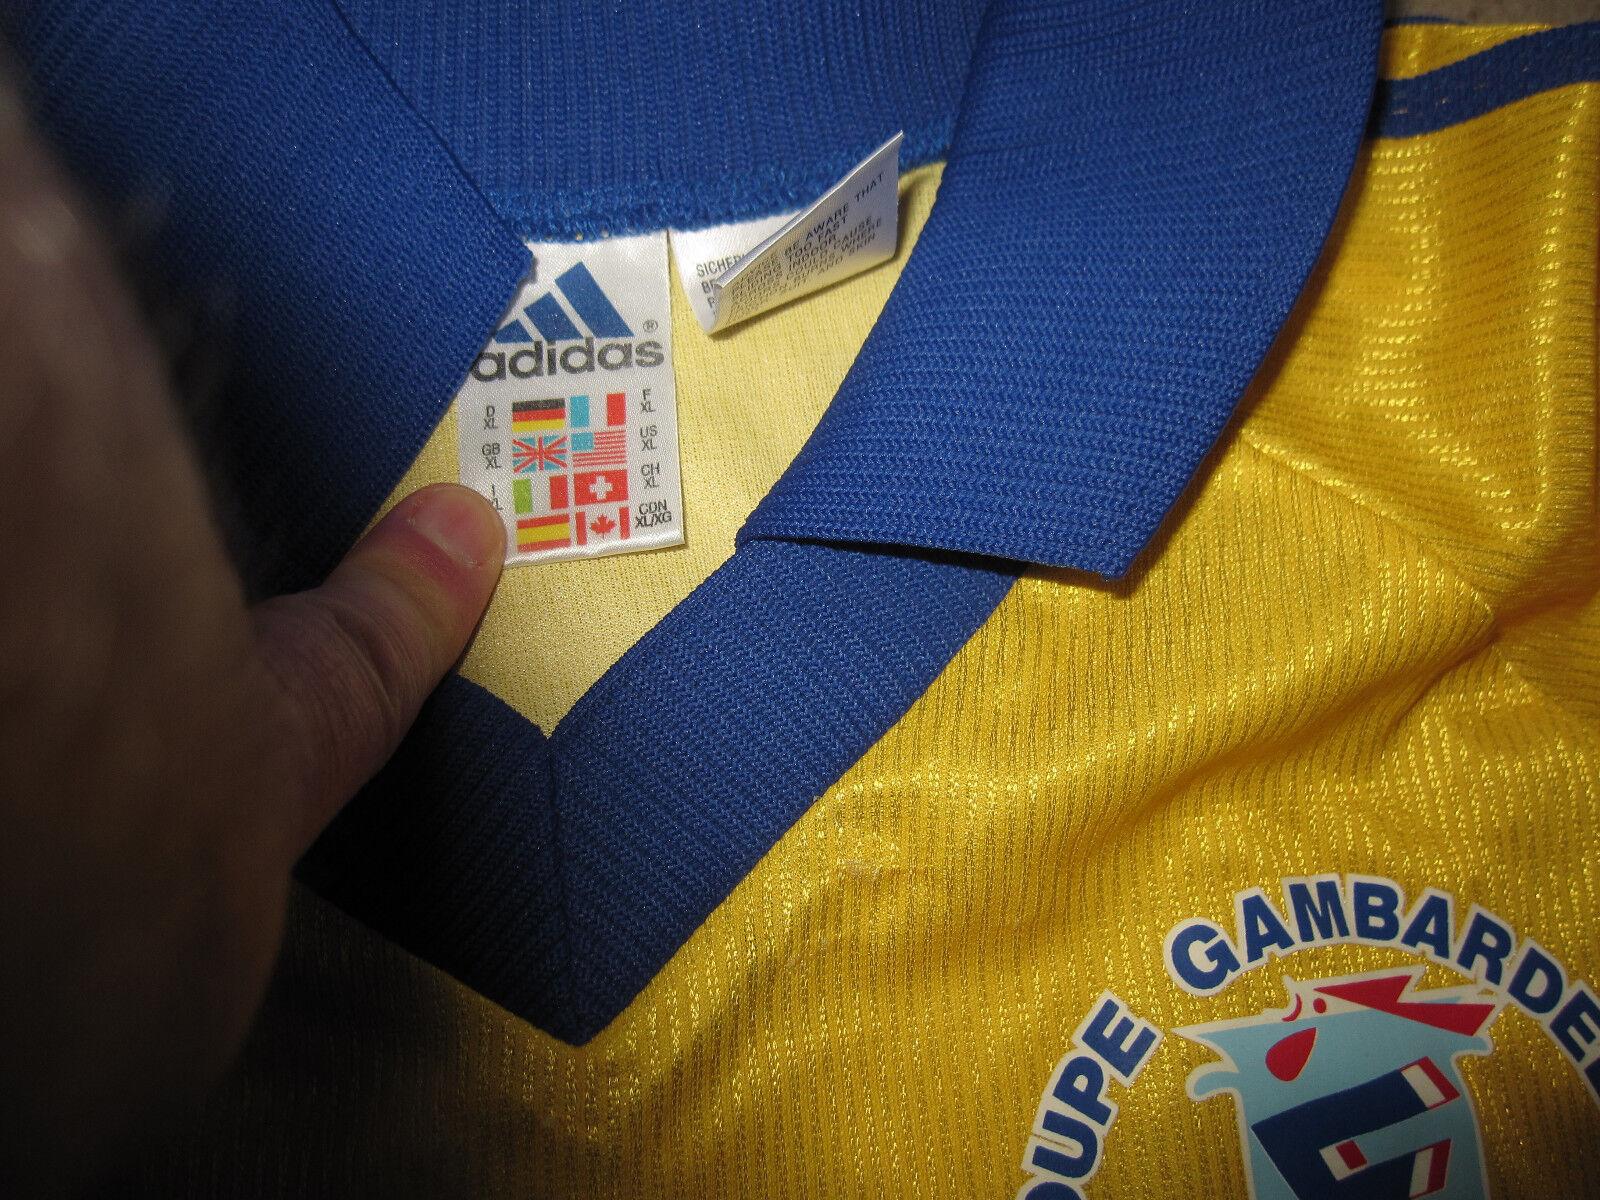 Maillot Adidas Coupe Gambardella Sochaux Montbéliard Porté vintage Jersey - - - XL | Good Design  | Acquisti online  | prendere in considerazione  efb9de